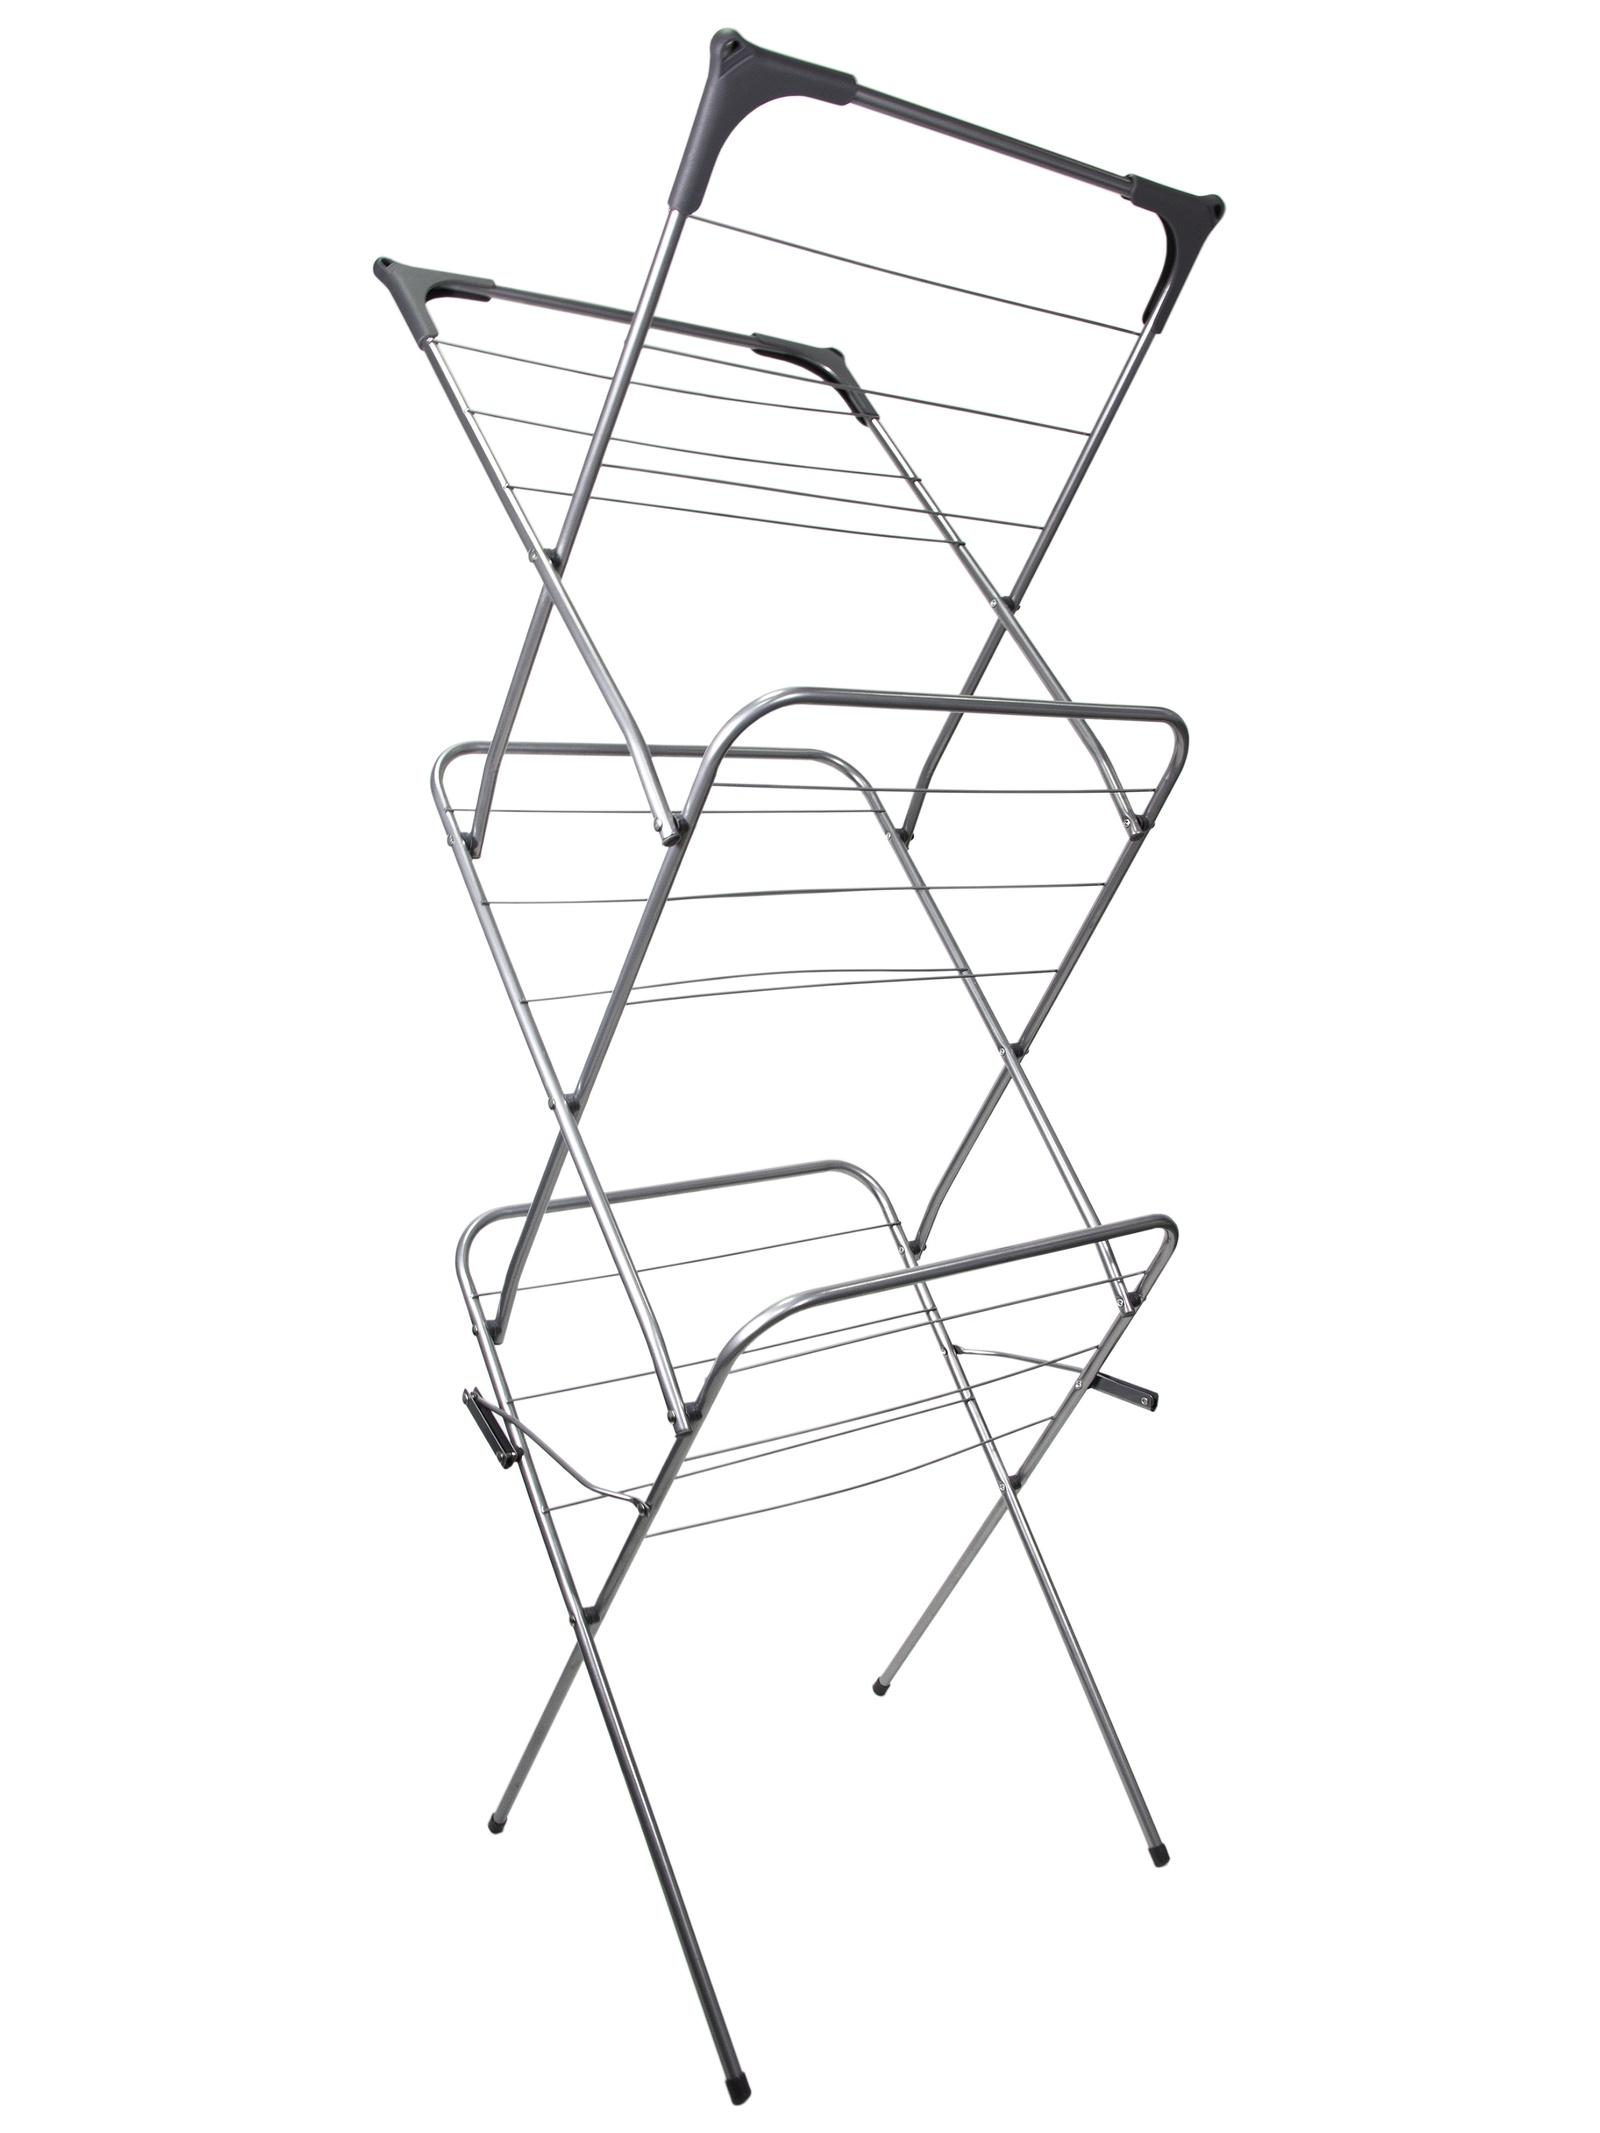 Напольная сушилка UniStor Вертикальная сушилка для белья, 210143, Пластик и сталь